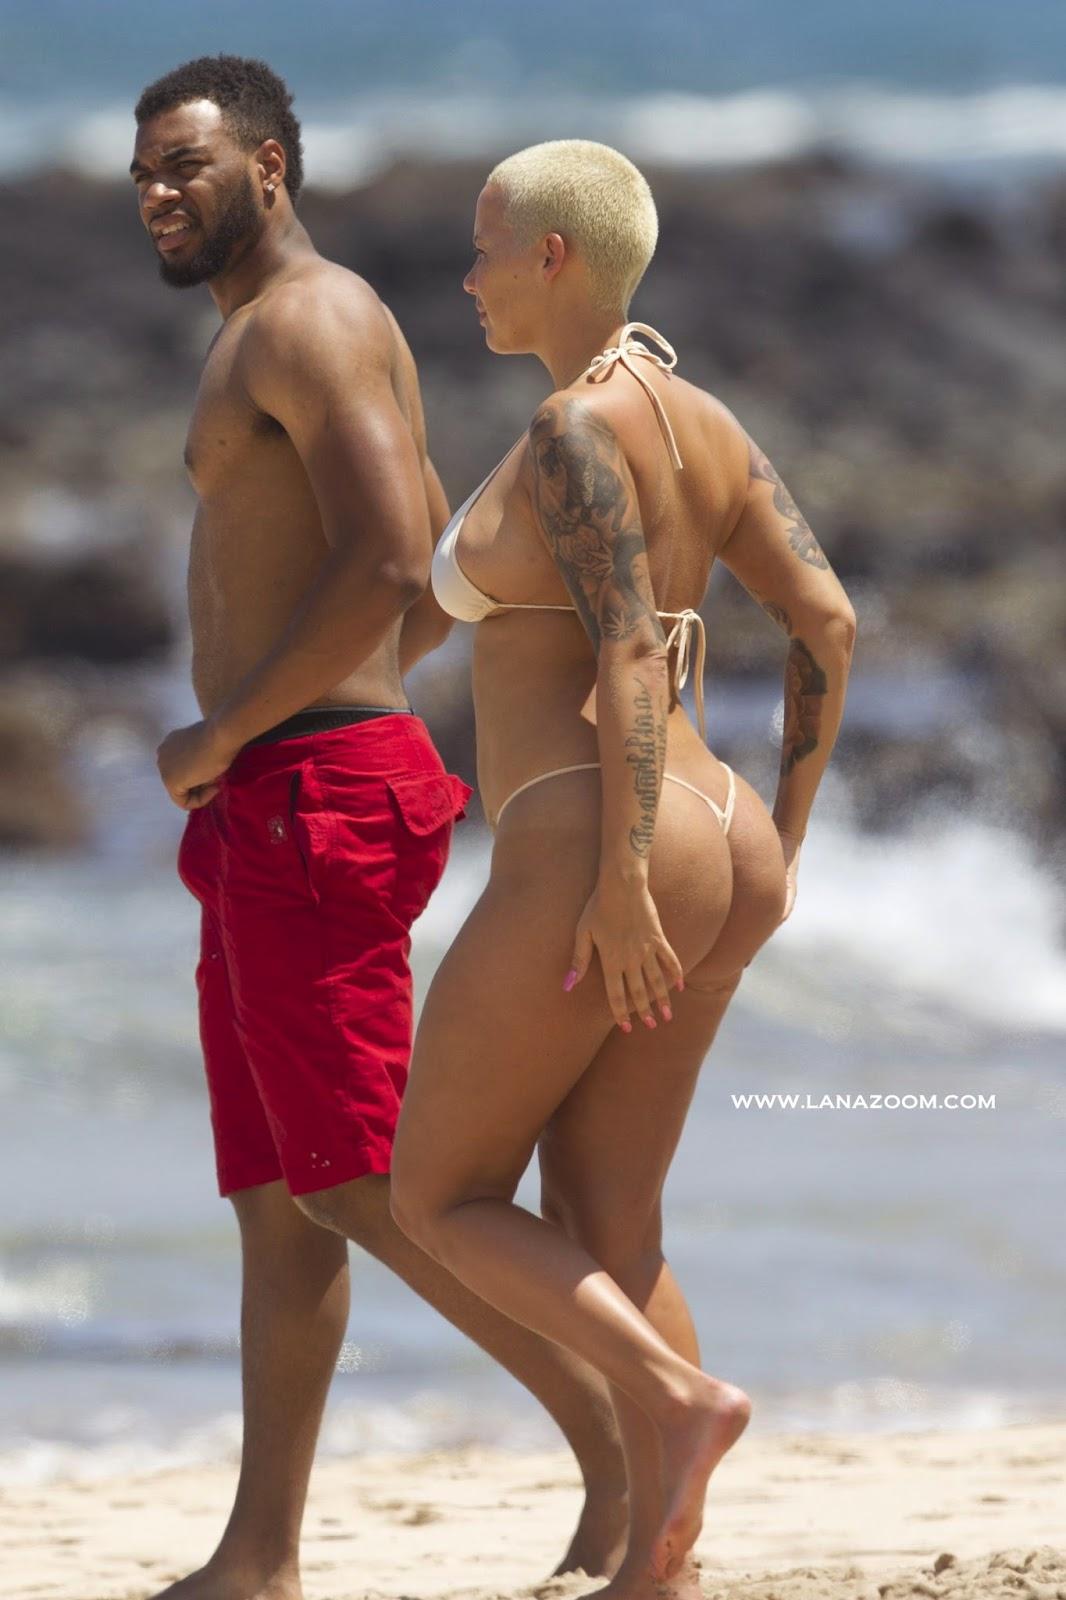 صور امبر روز بالبكيني الساخن جدا و تظهر حلمة صدرها في شاطىء ماوي